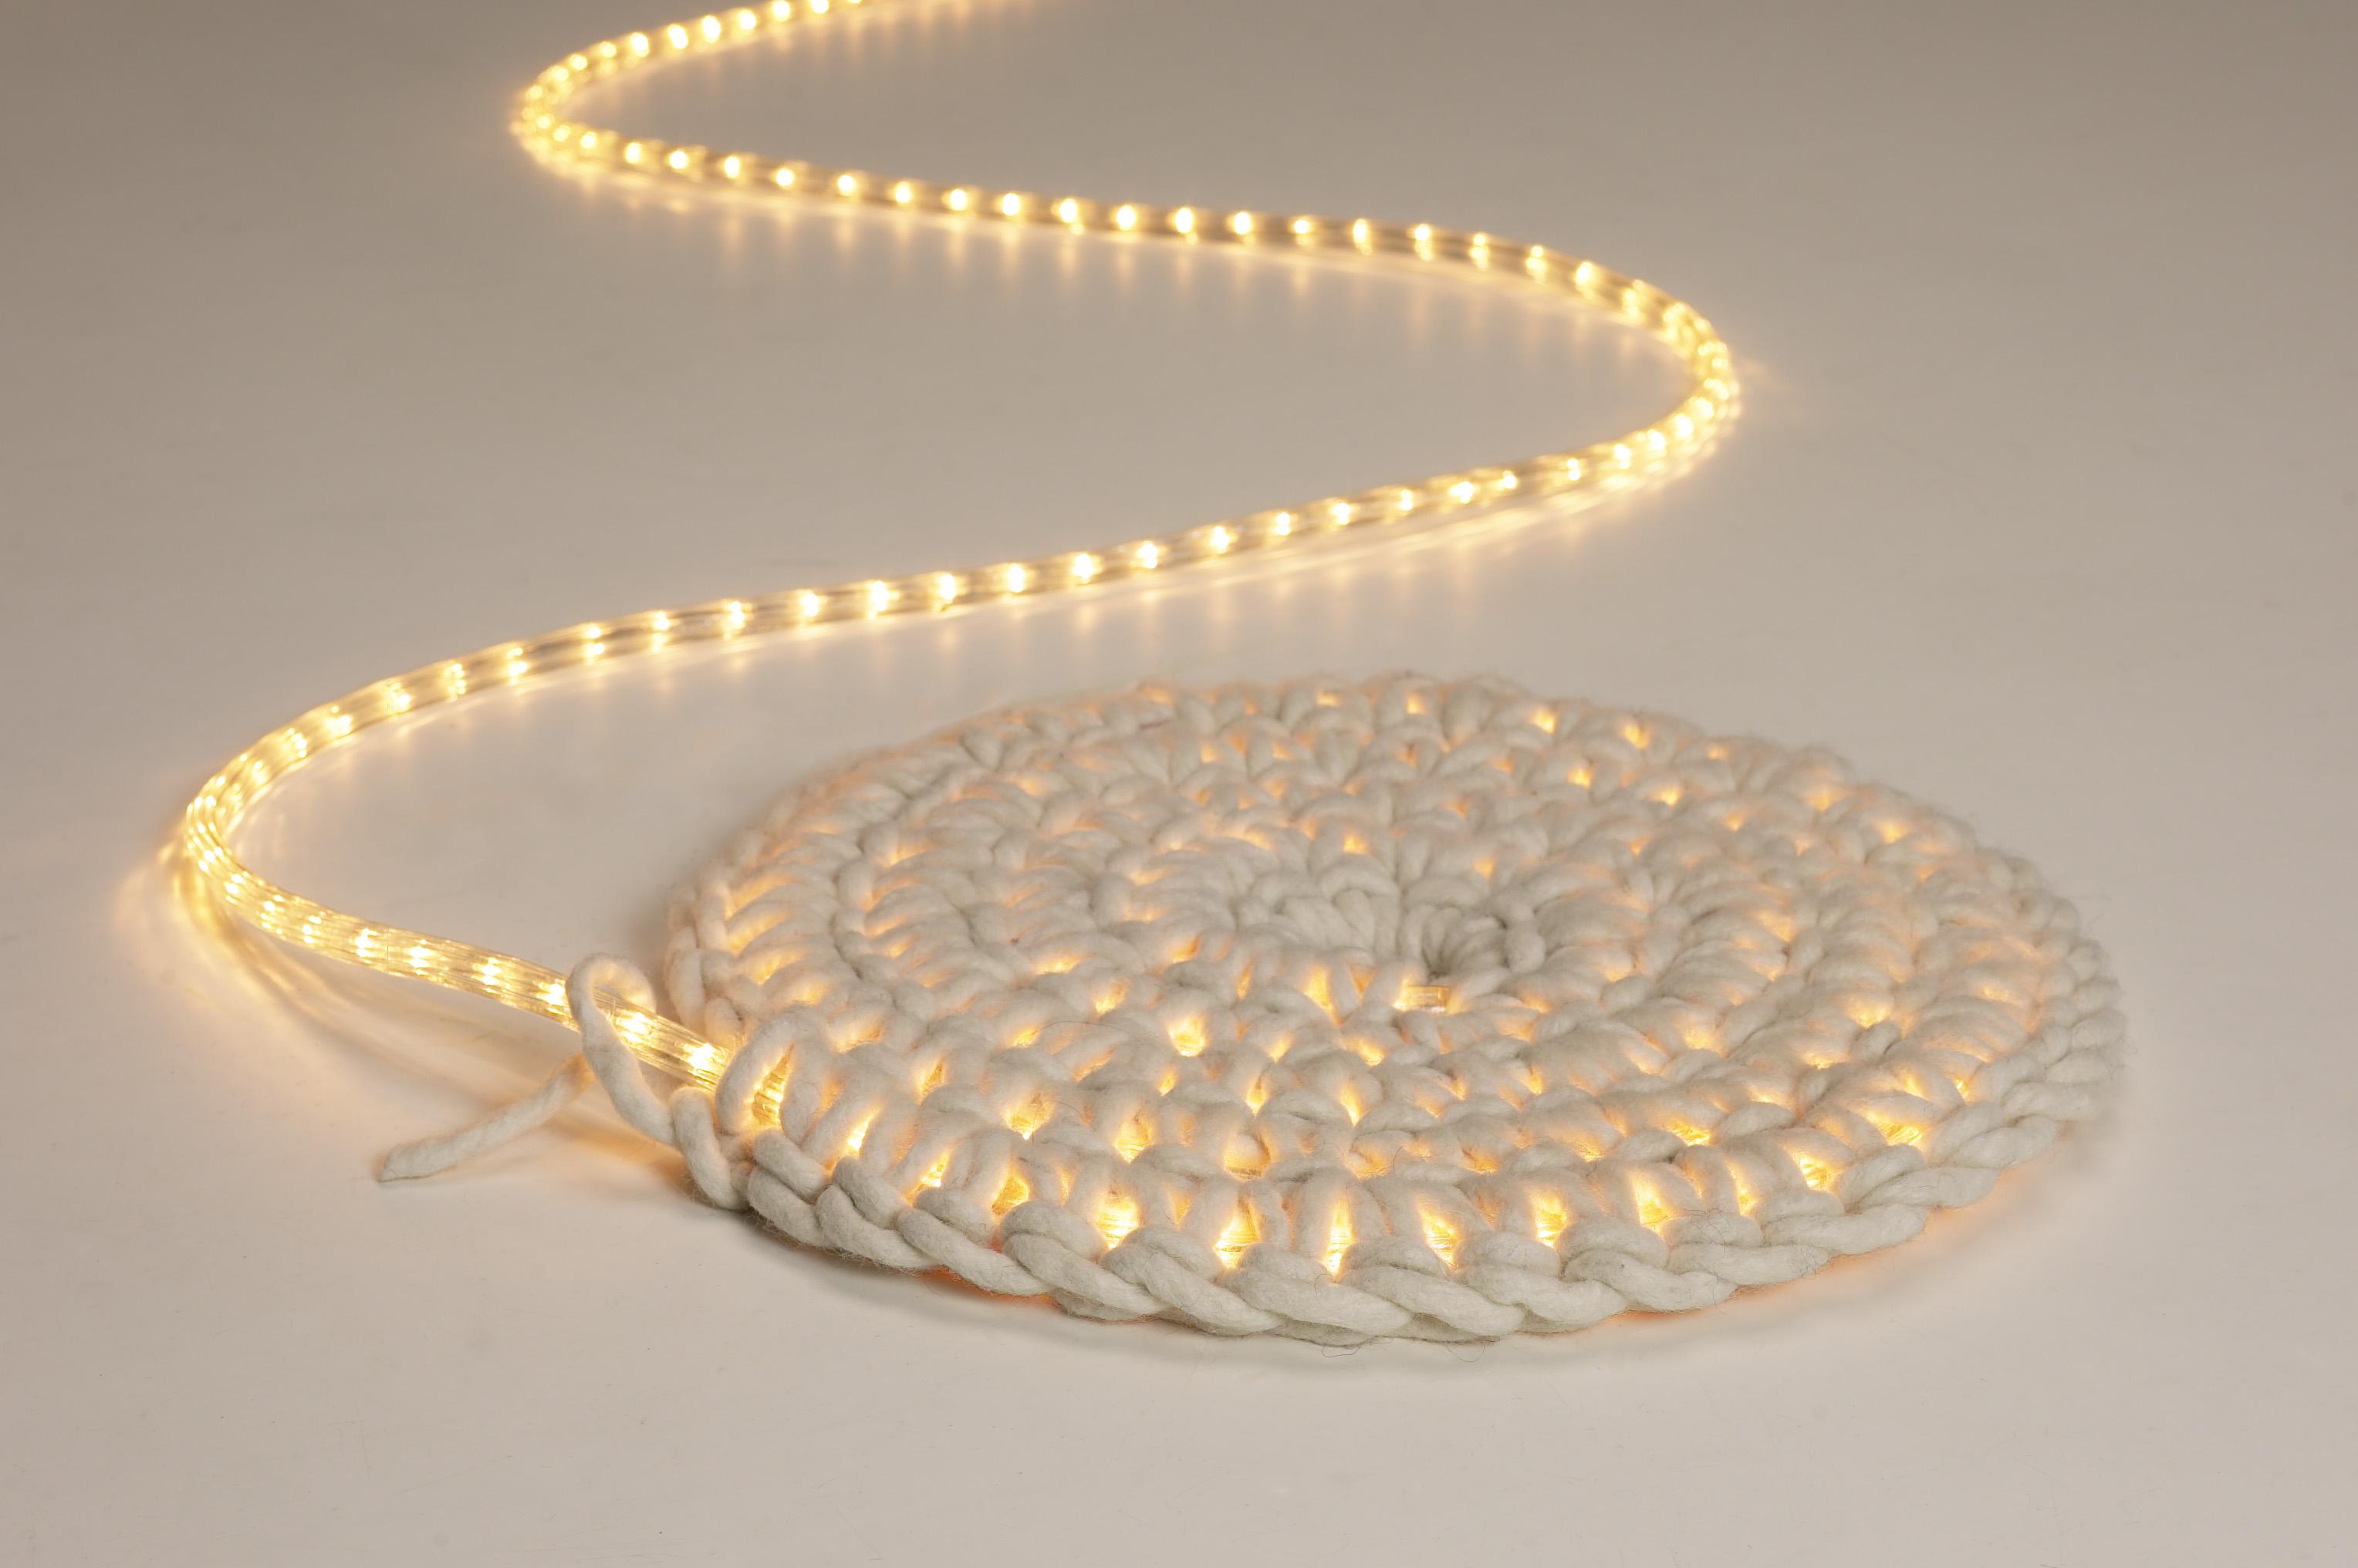 Crochet light mat or wall-hanging